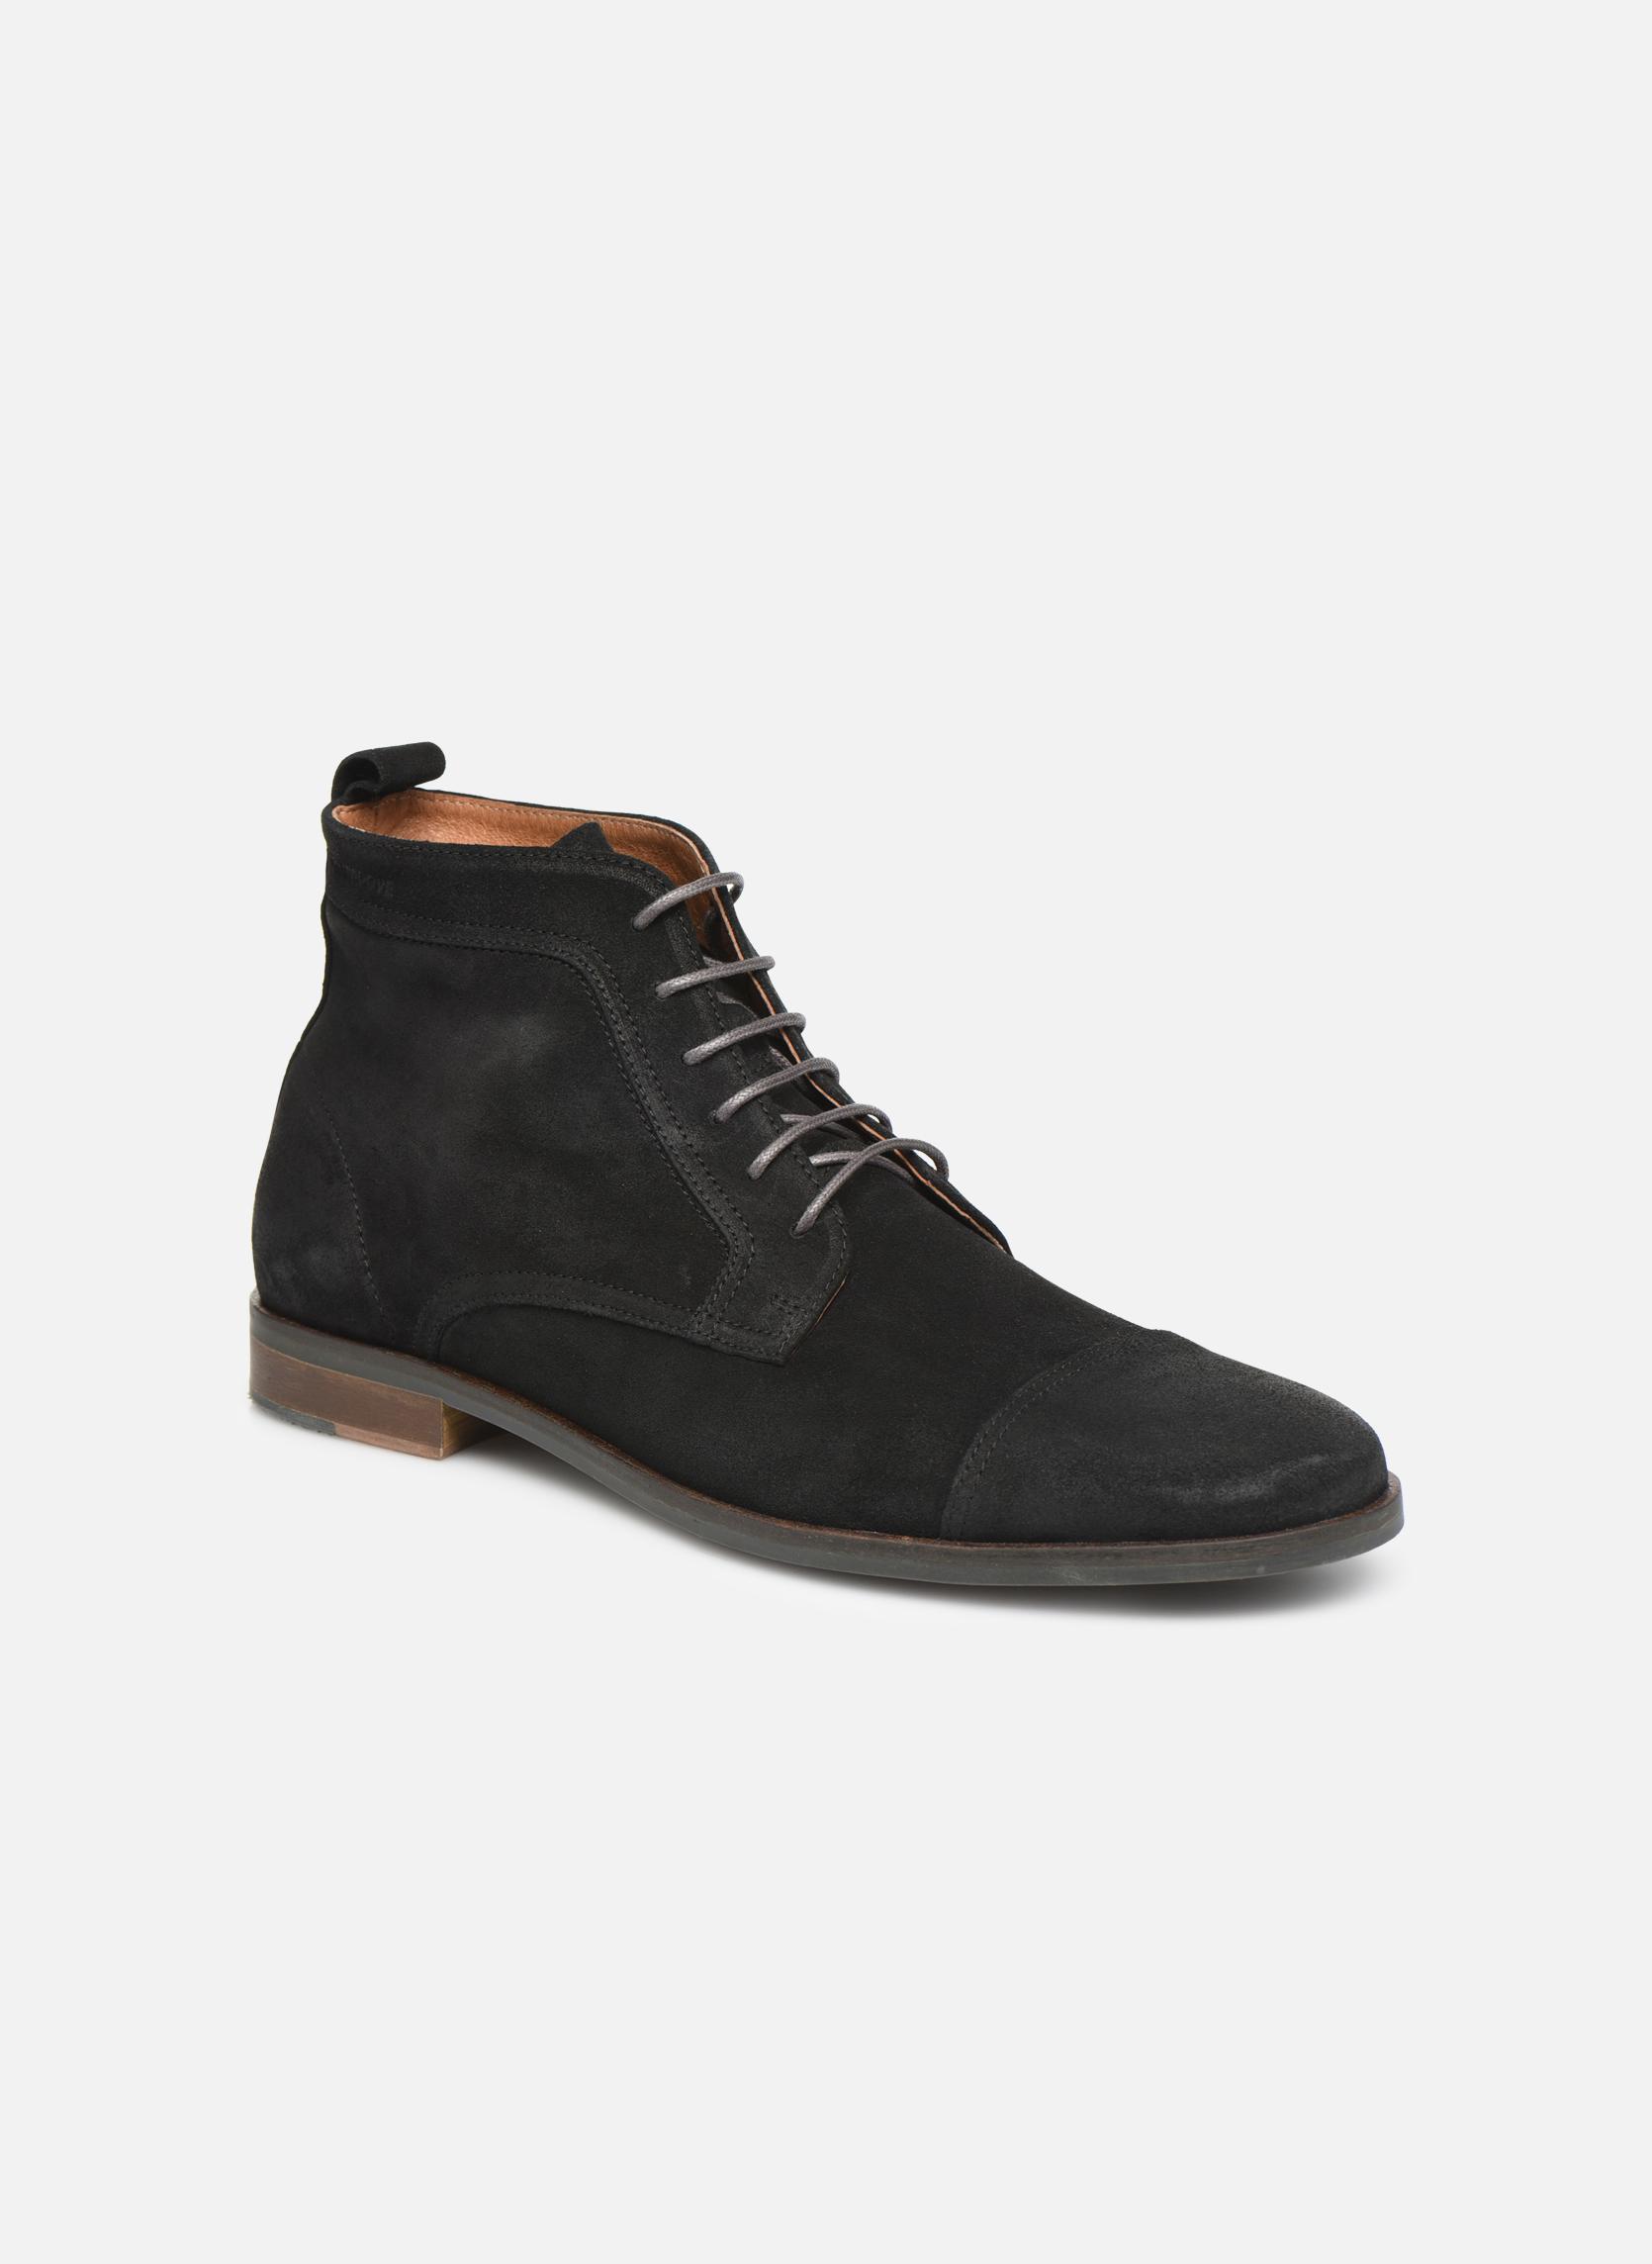 Schmoove Dirty Dandy Denver Boots